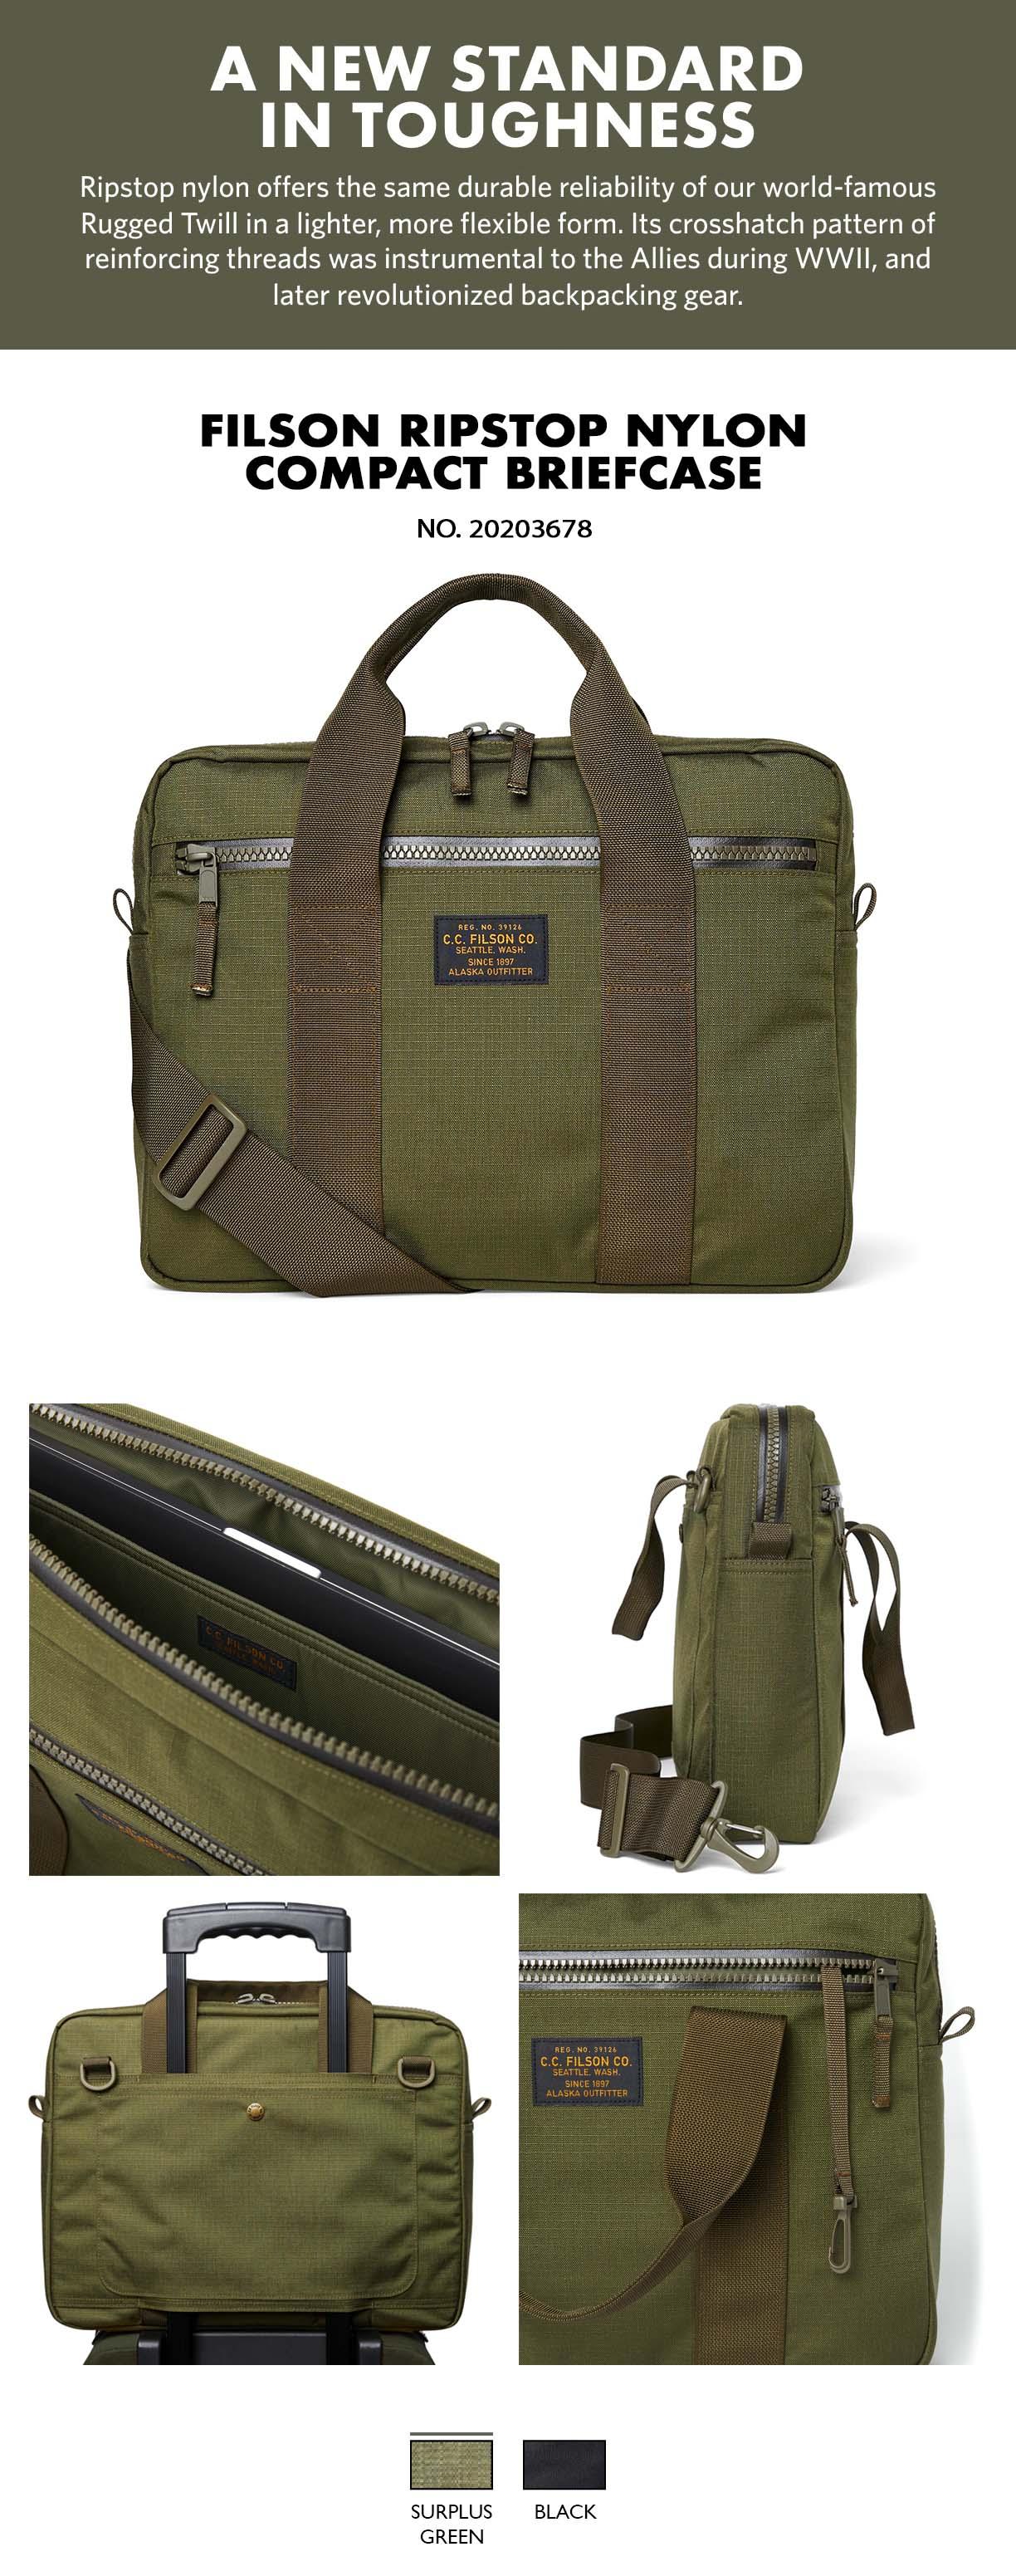 Filson Ripstop Nylon Compact Briefcase Surplus Green Product-information, verfügt über ein gepolstertes Fach für einen 15-Zoll-Laptop